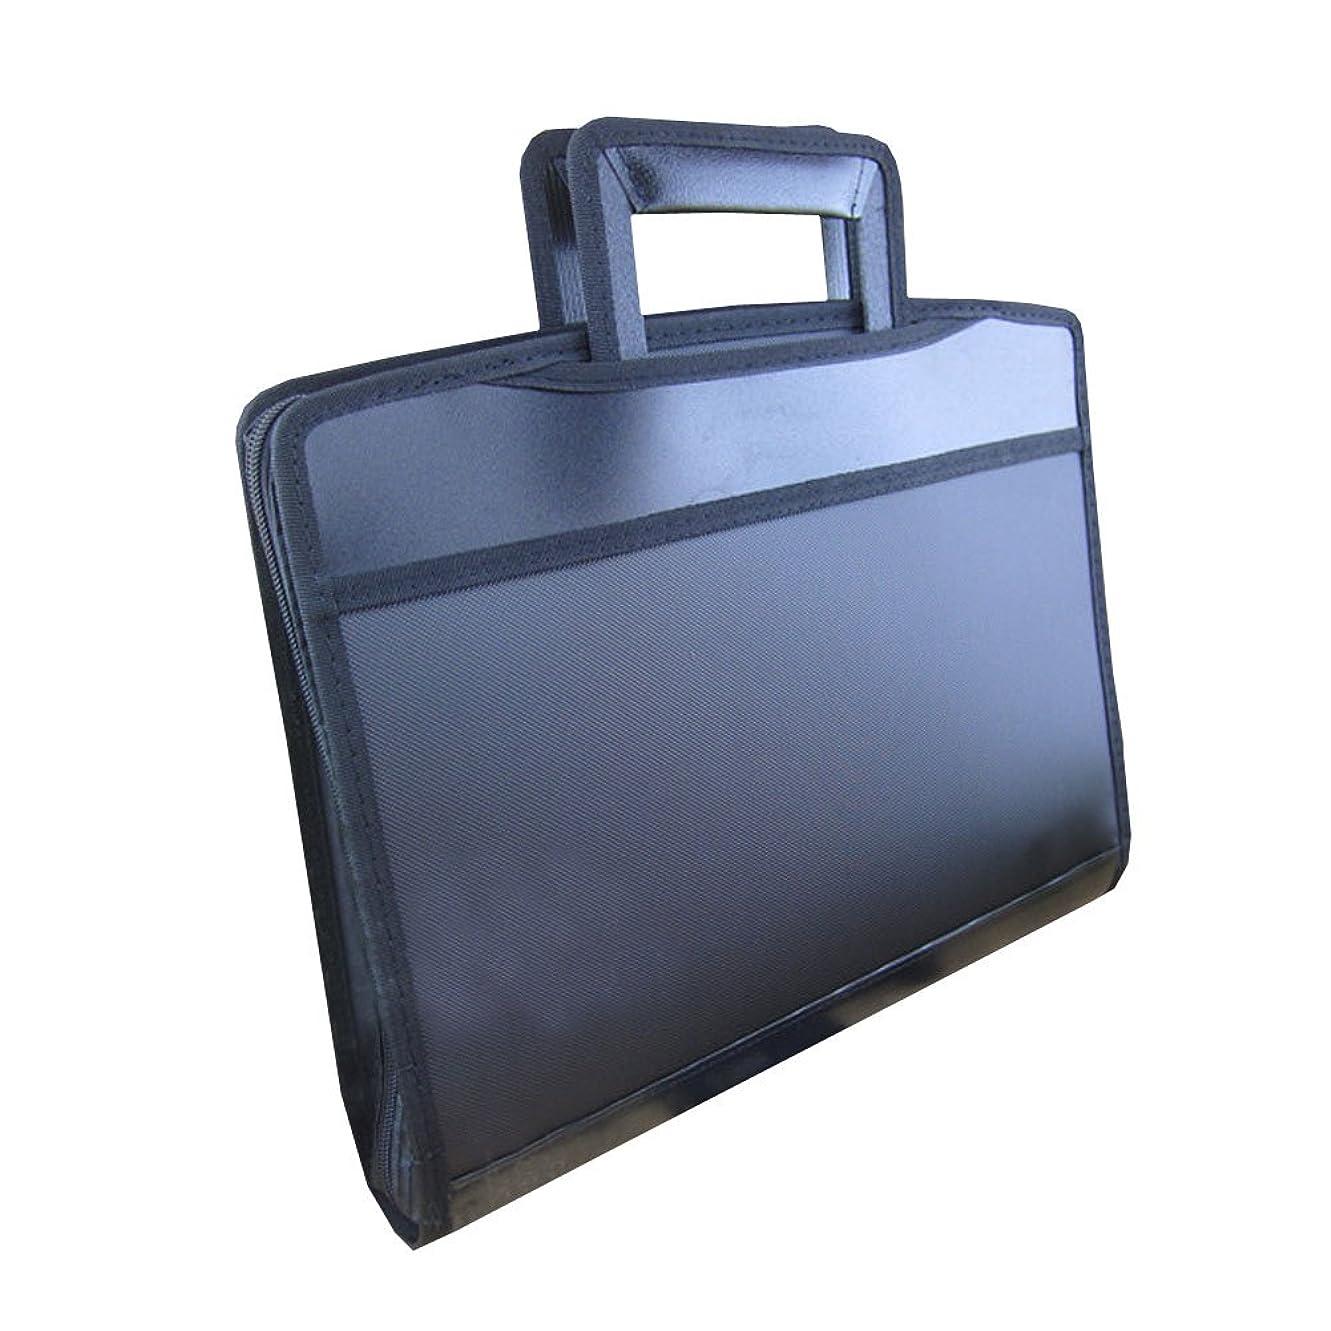 きしむプレゼンター誇張するオフィス用品 ファイルバッグ ビジネスバッグ ブリーフケース 手提げかばん 書類かばん 収納かばん パソコンバッグ 事務バッグ ハンドバッグ